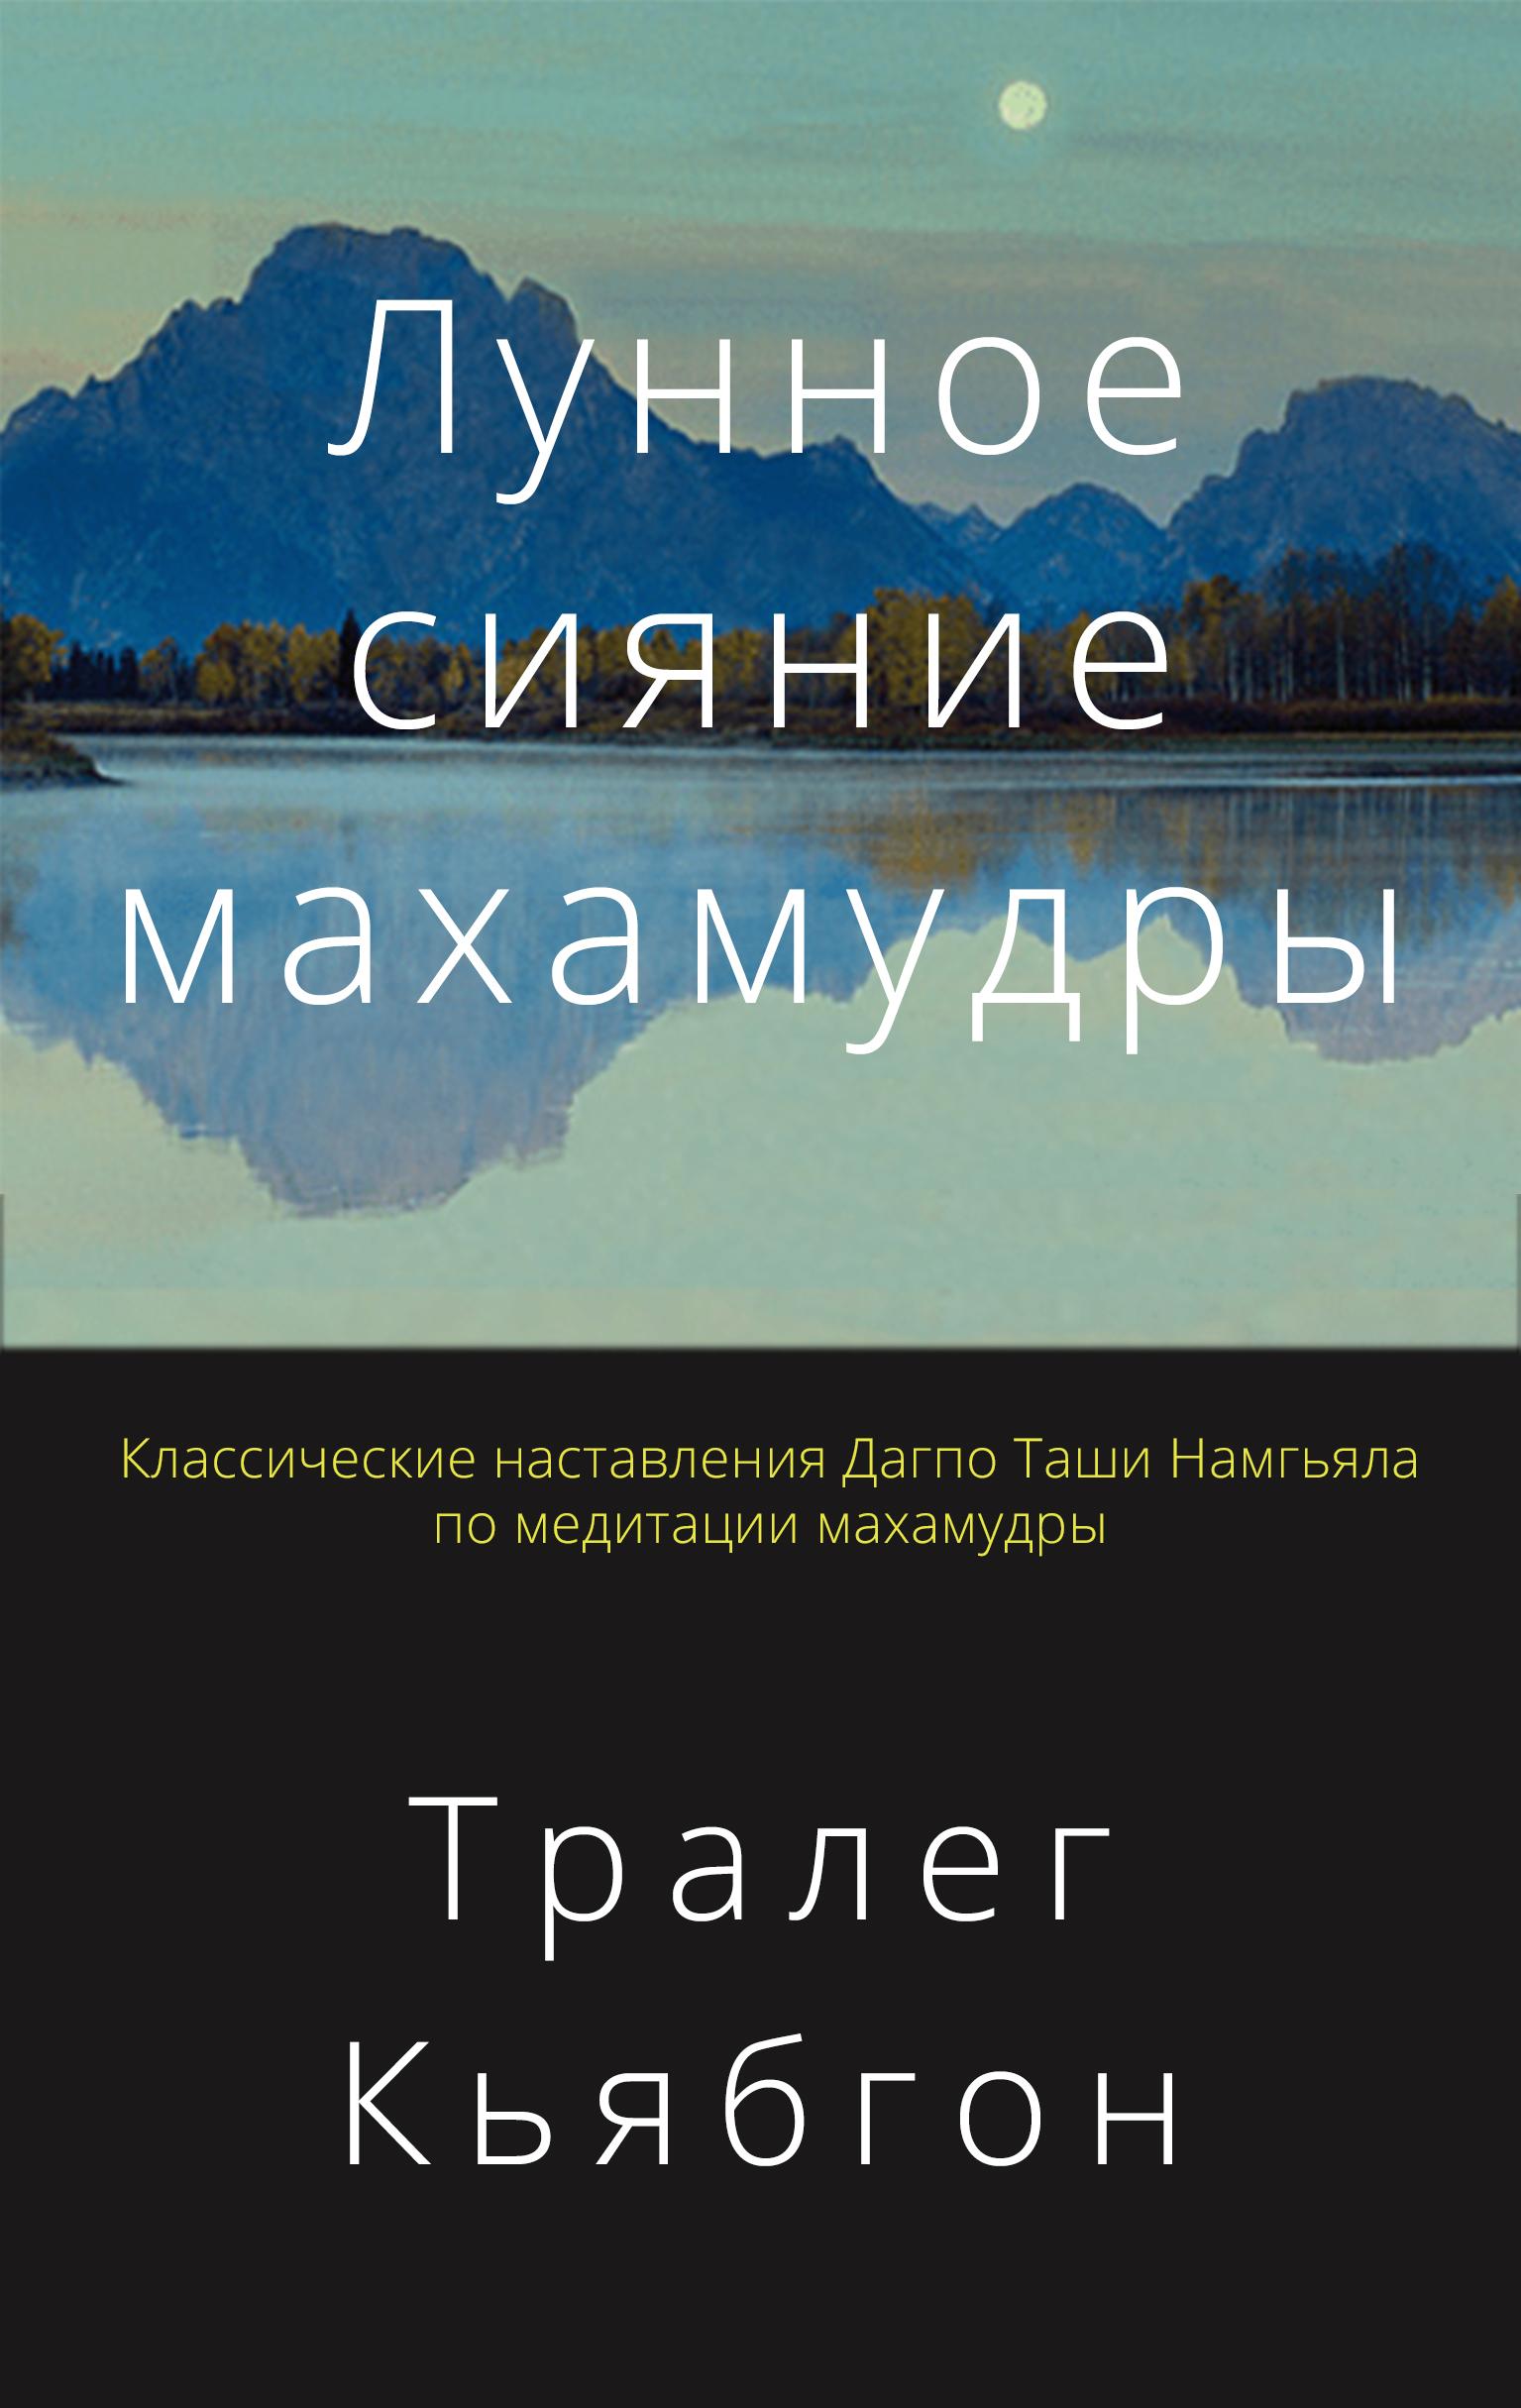 Купить книгу Лунное сияние махамудры, автора Тралега Кьябгона Ринпоче